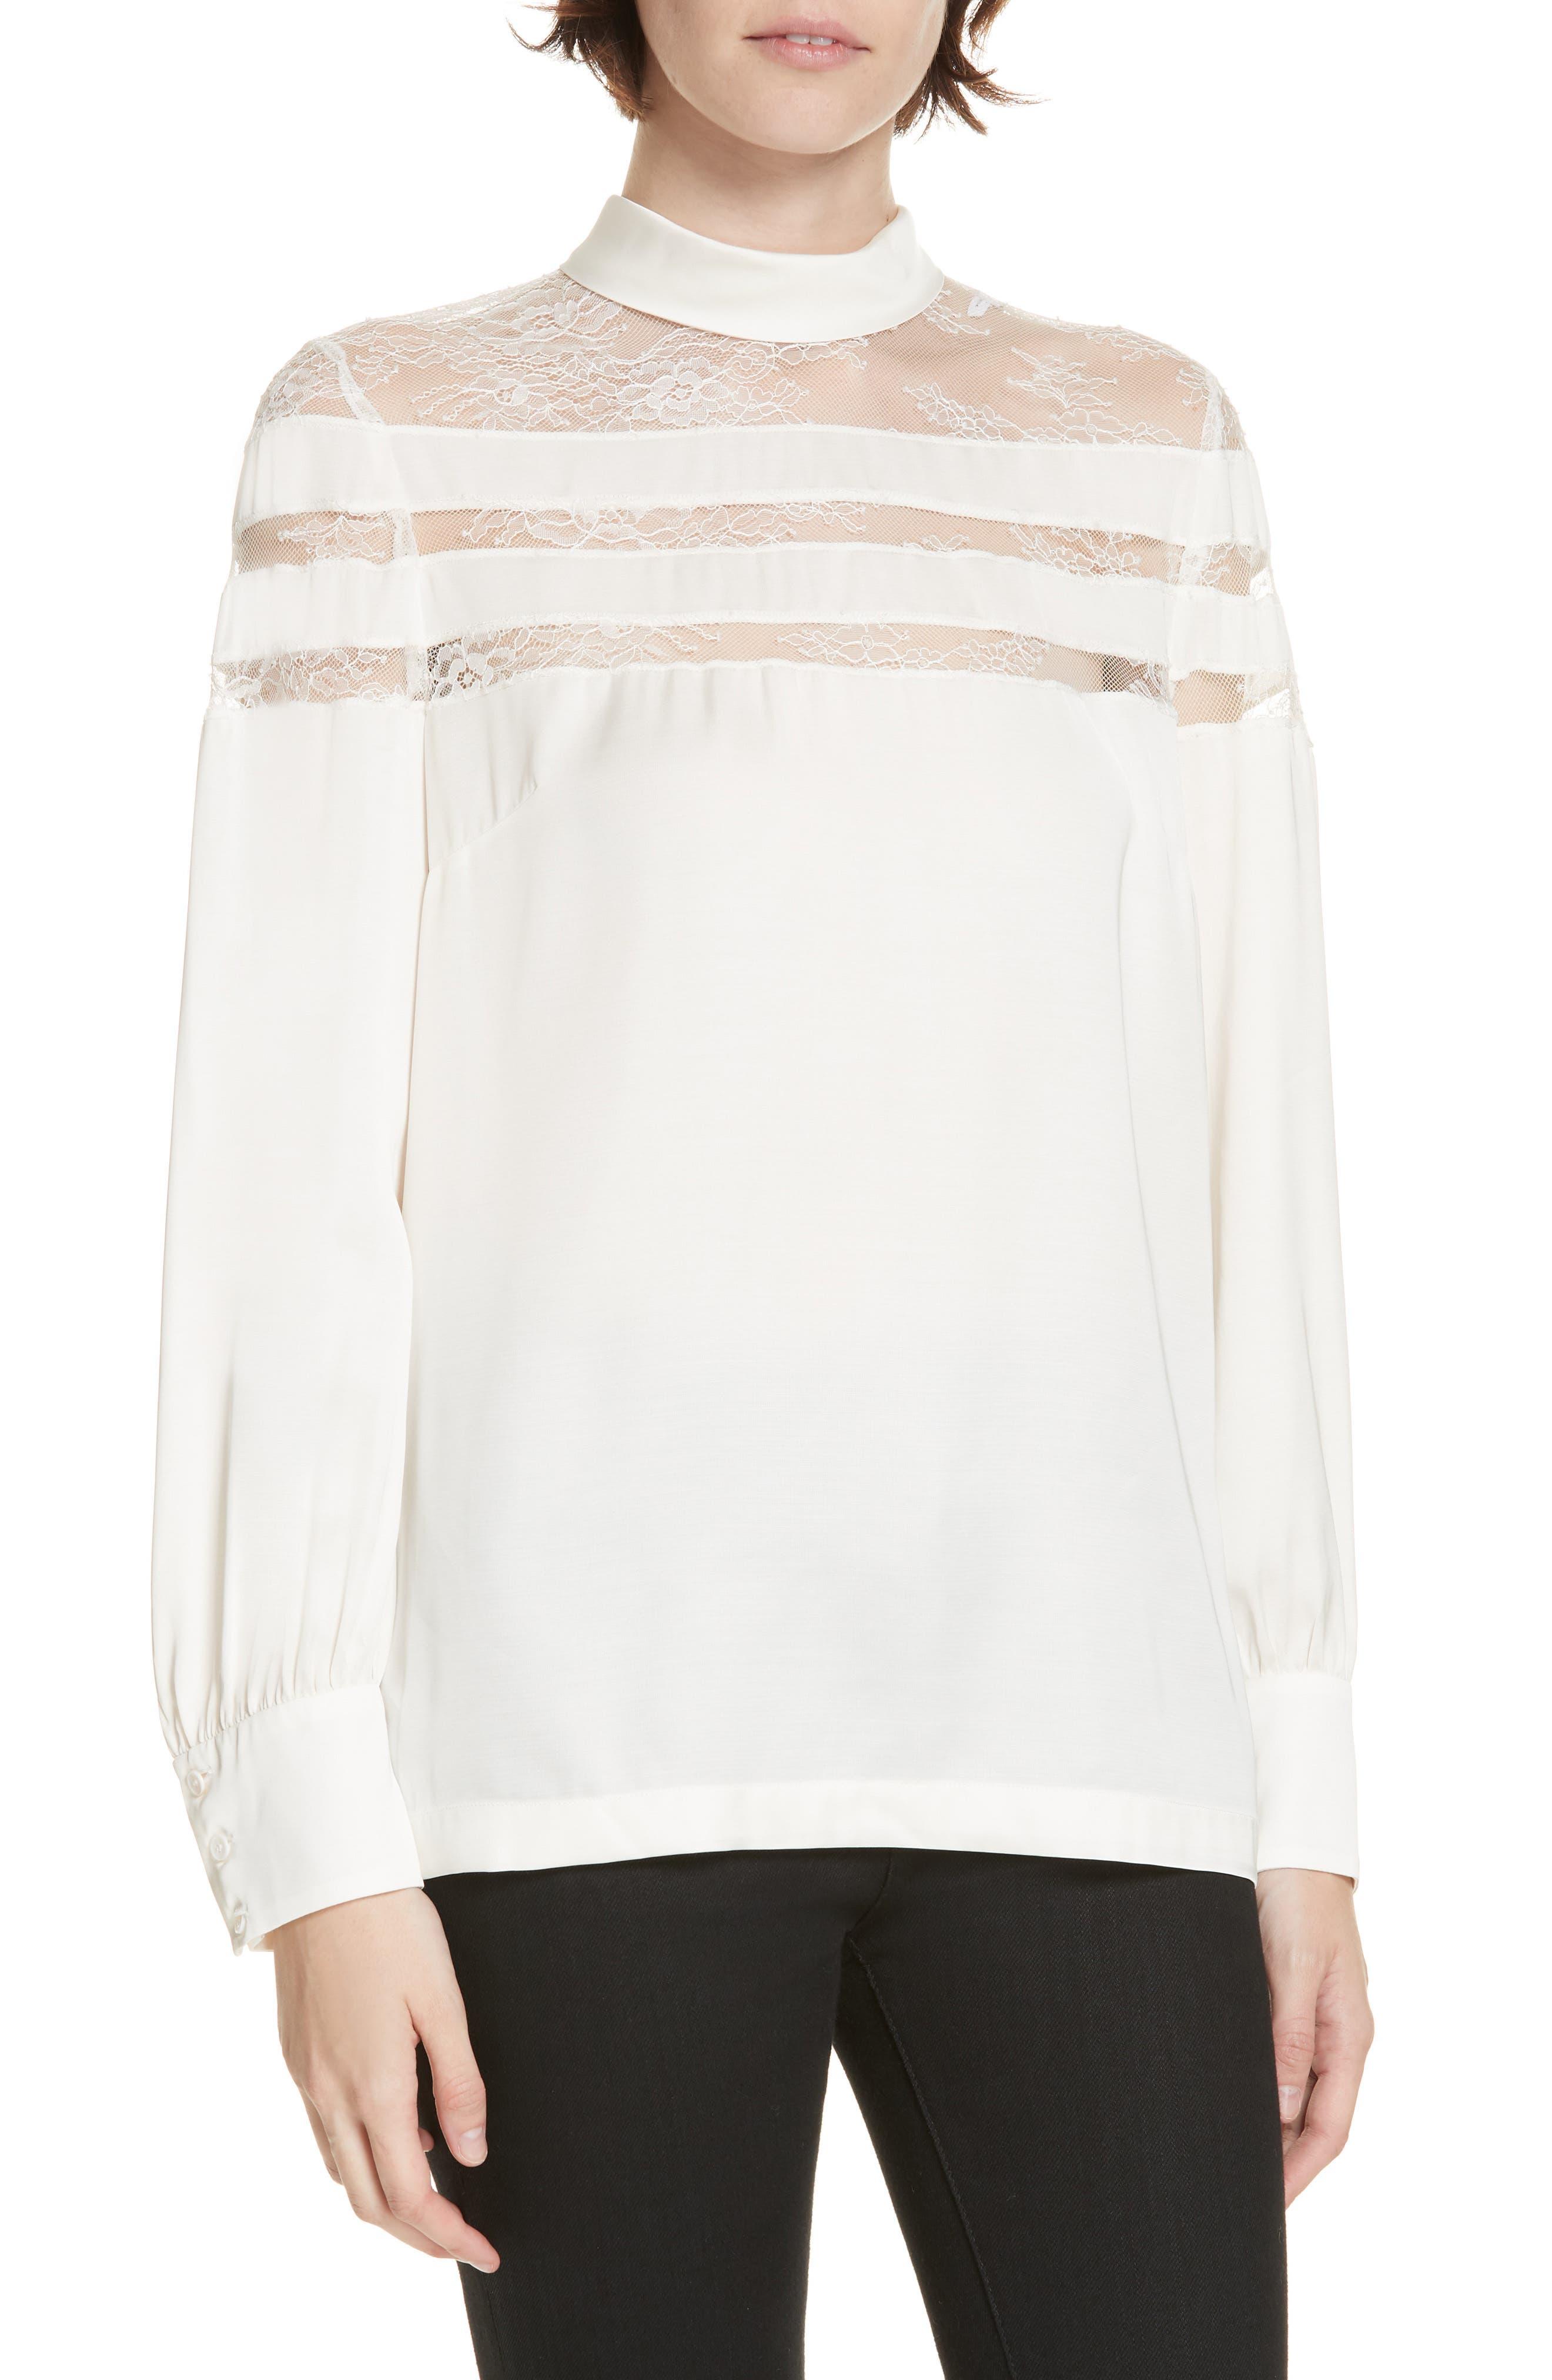 Mirtylles Lace Detail Sheer Top,                         Main,                         color, ECRU